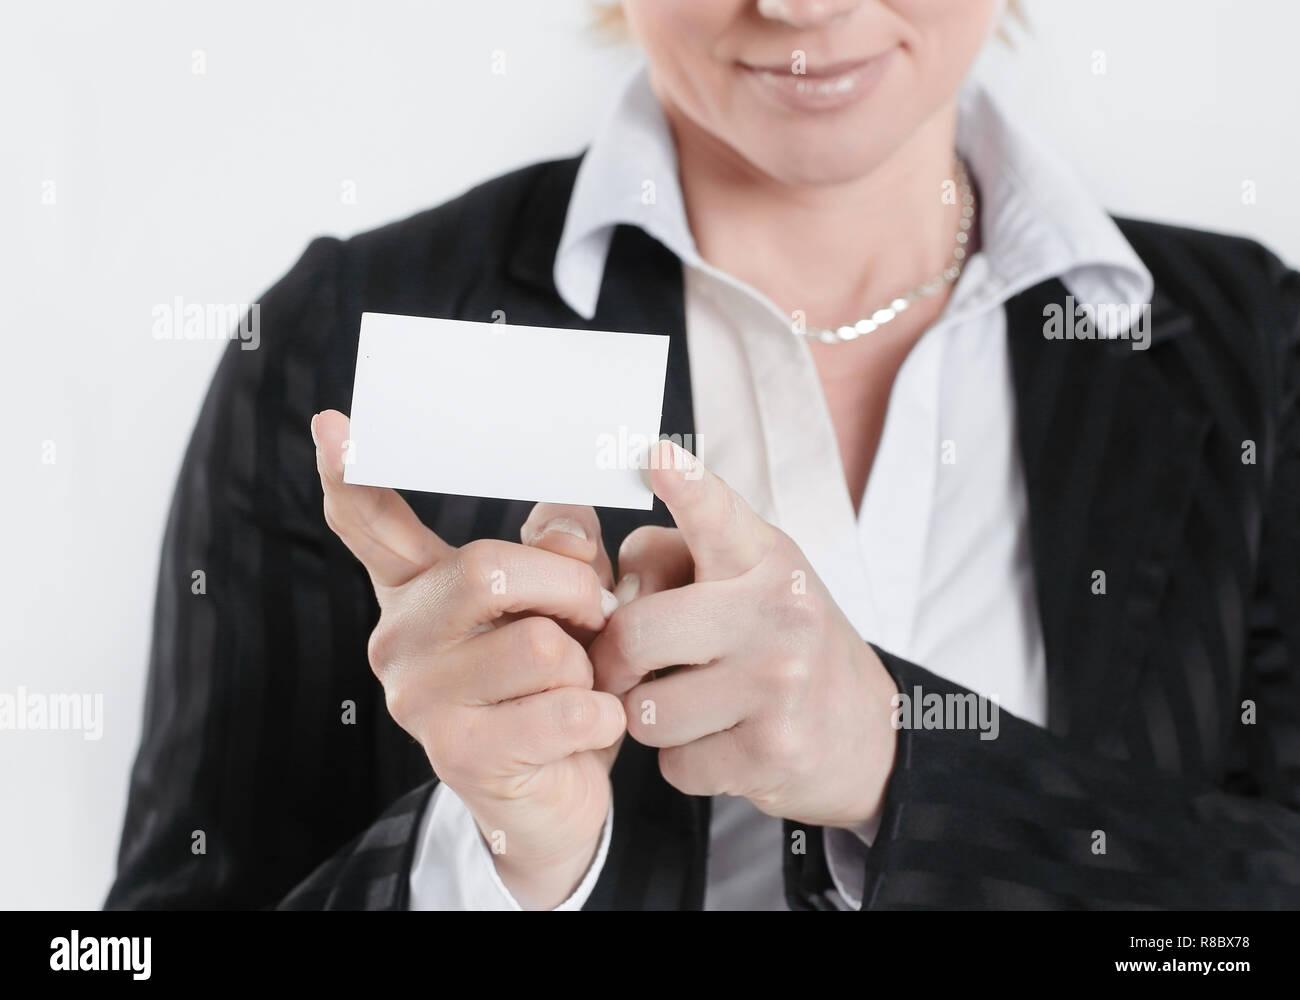 Blank Debit Card Stock Photos & Blank Debit Card Stock Images - Alamy